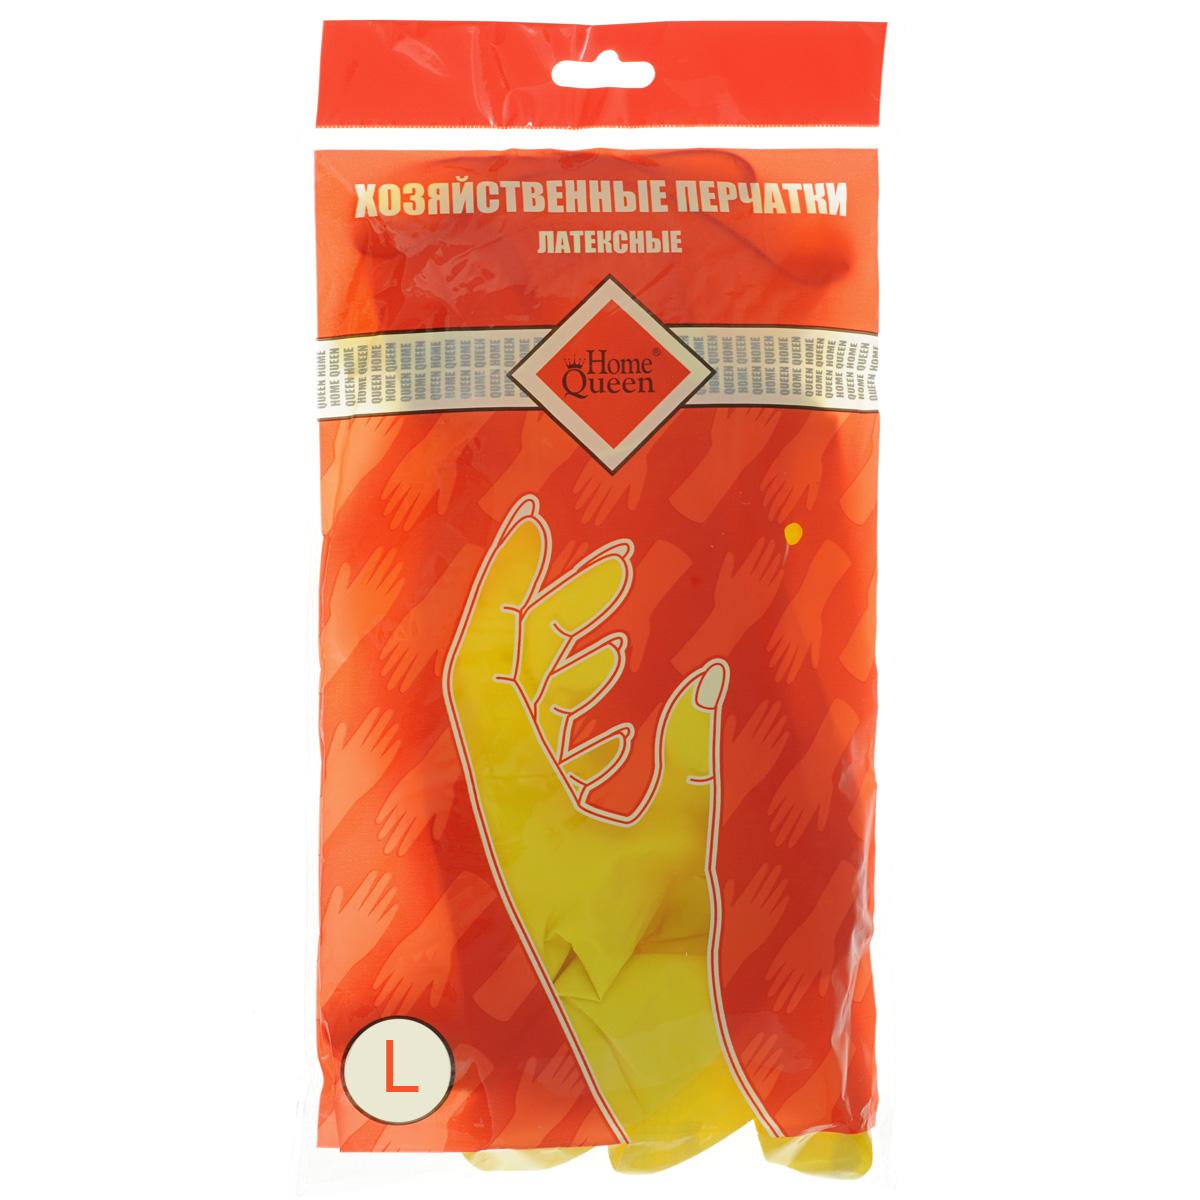 Перчатки латексные Home Queen. Размер L48_ lПерчатки Home Queen, изготовленные из латекса, защитят ваши руки от воздействия бытовой химии и грязи. Подойдут для всех видов хозяйственных работ.